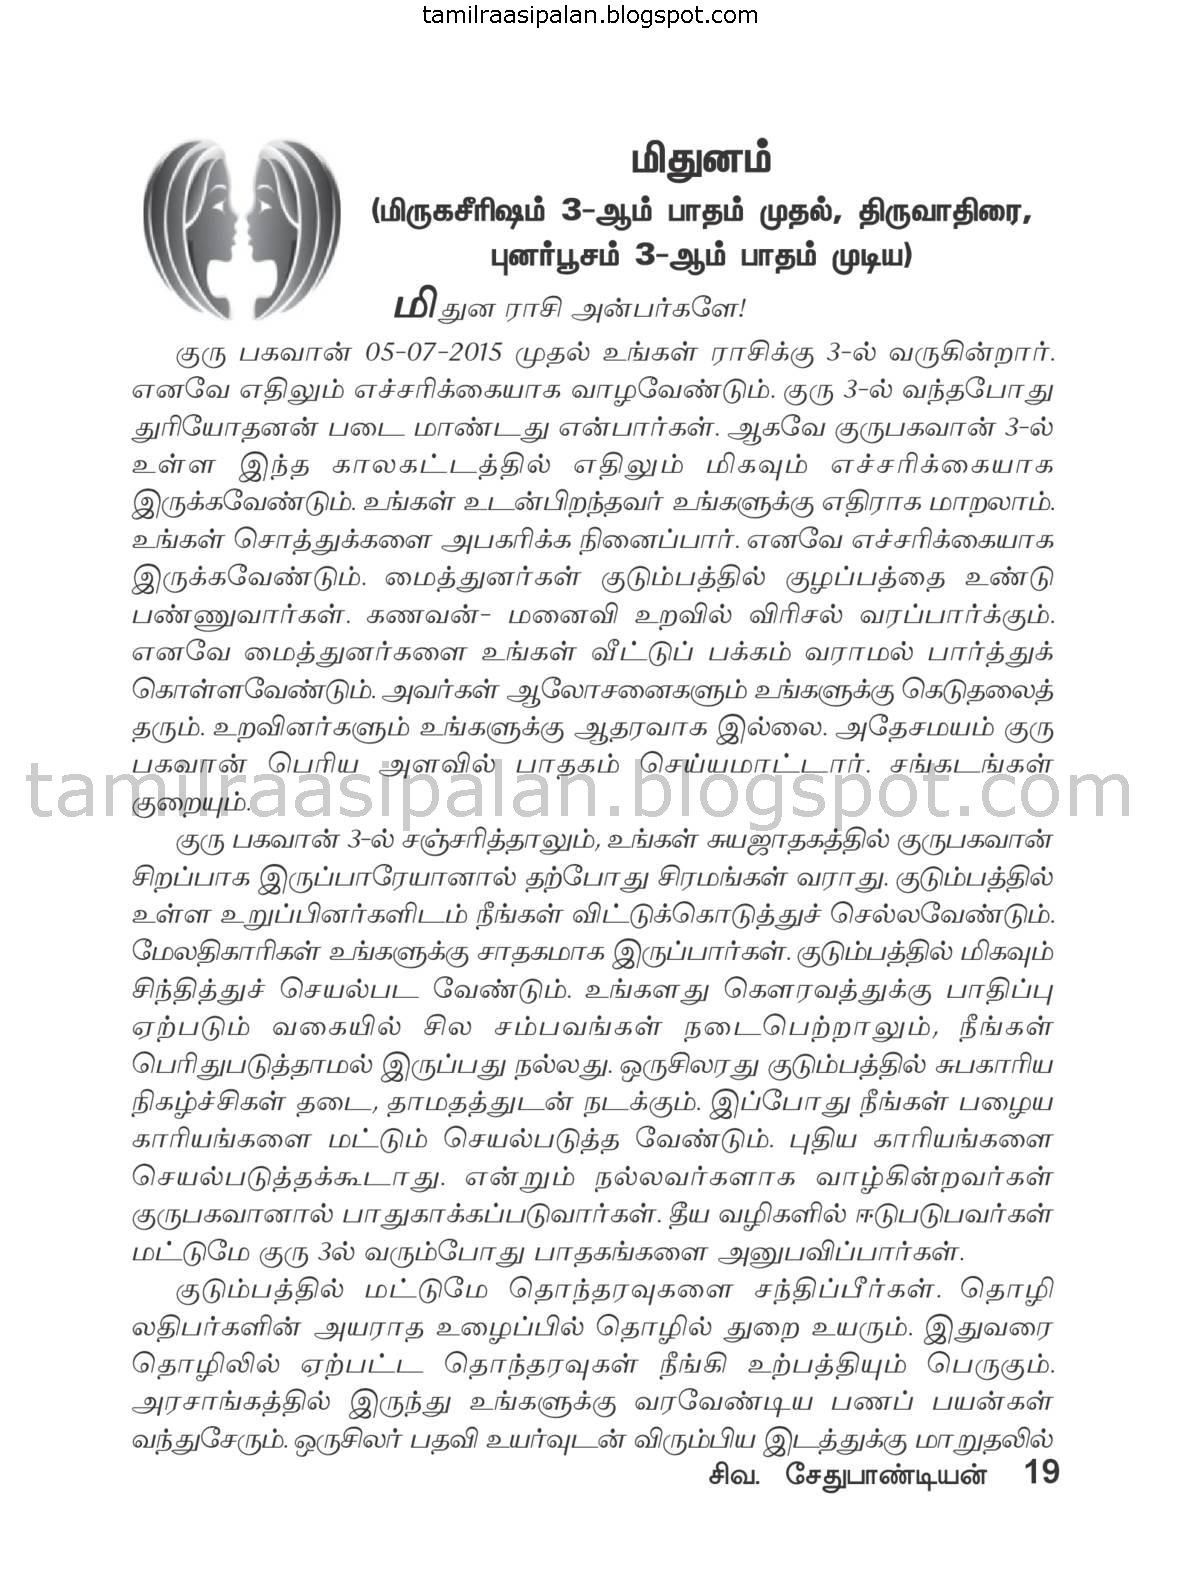 Mithunam Guru Peyarchi Palan 2015-2016 Free Online